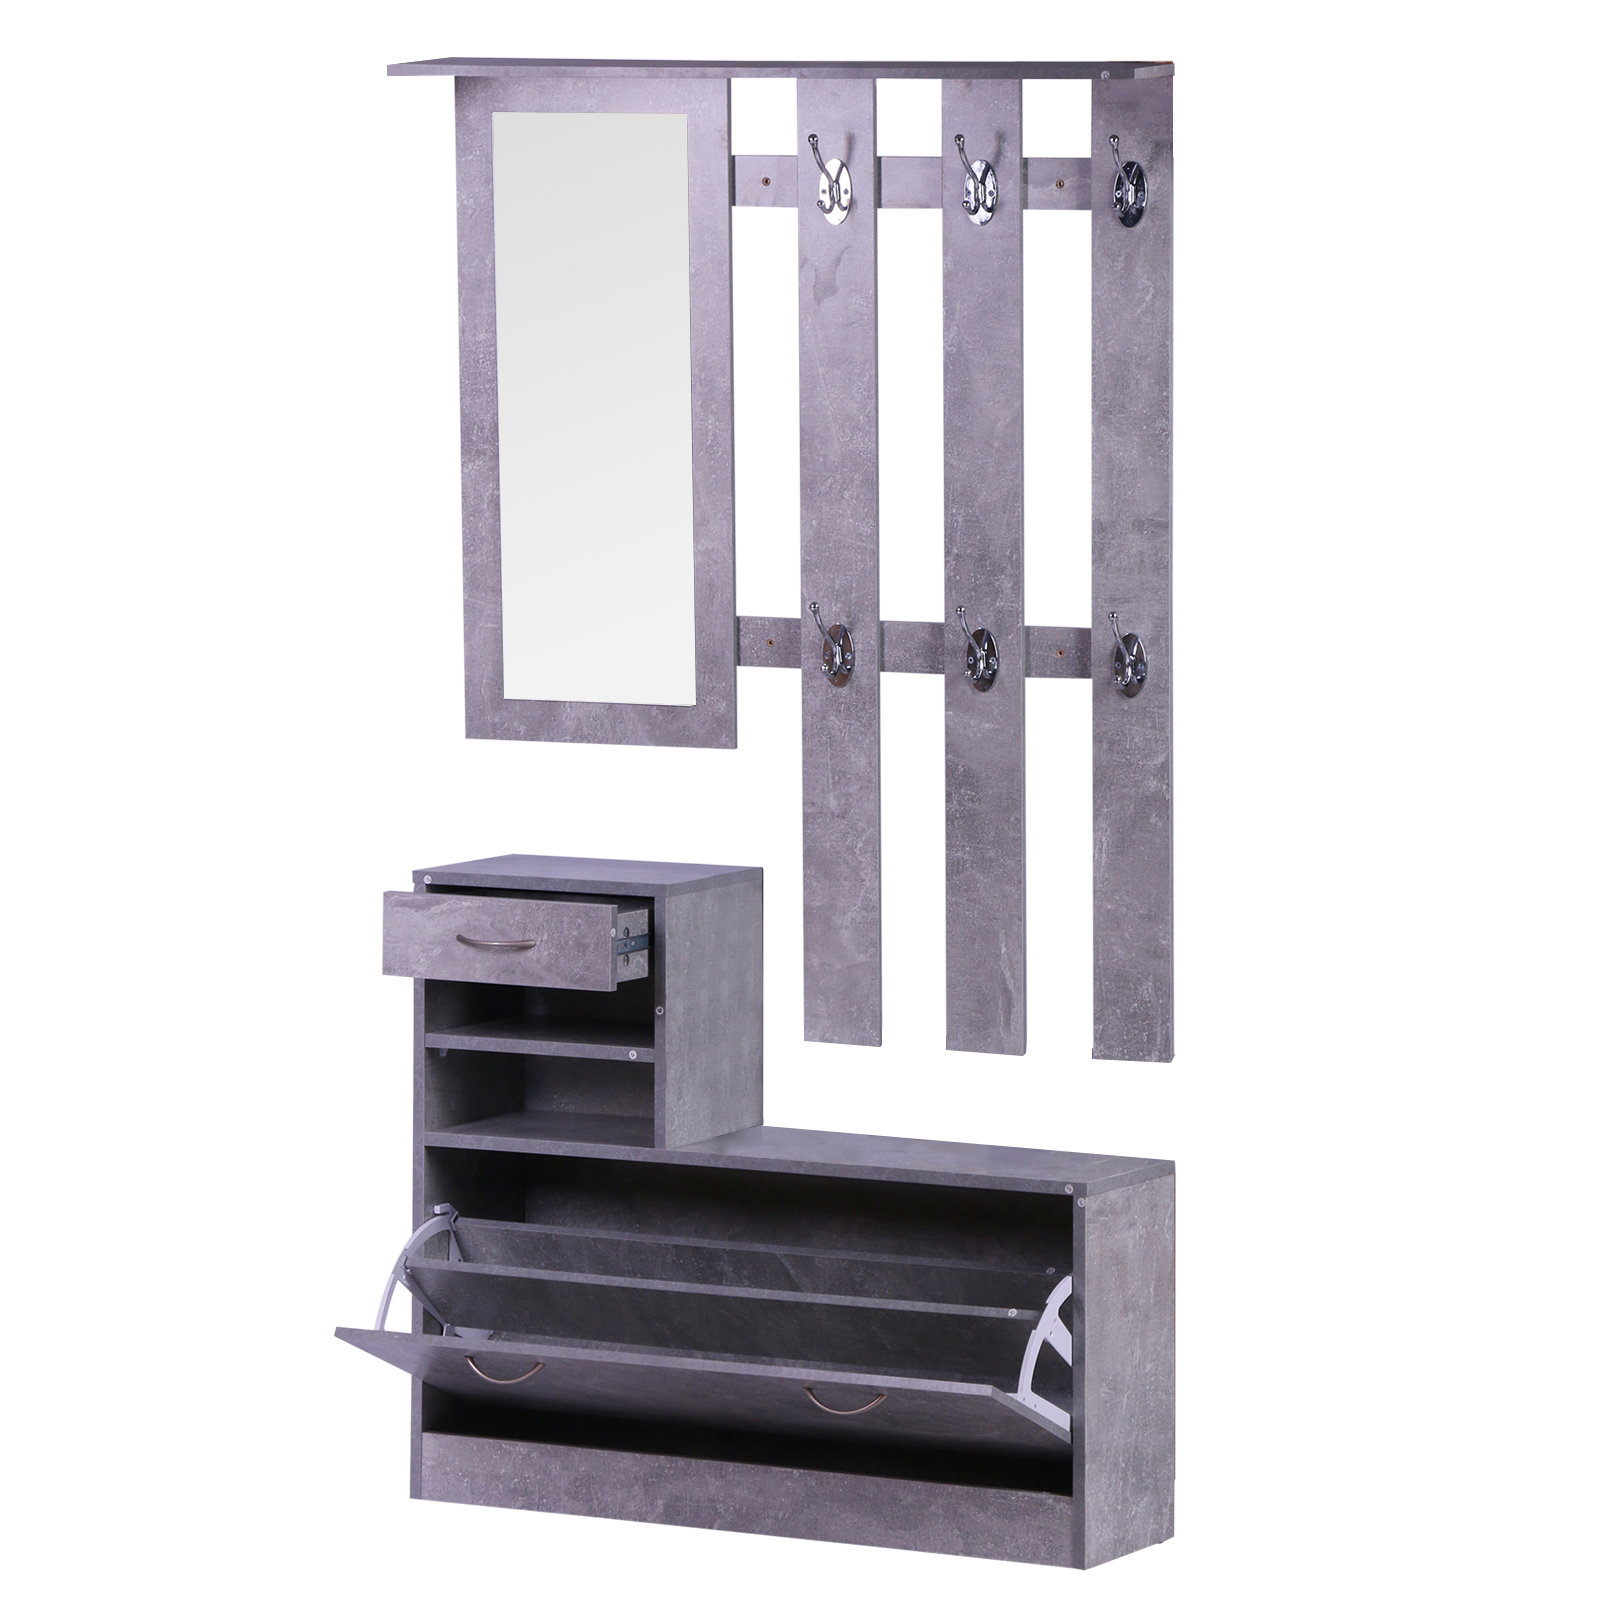 831 146gy(1) - Conjunto Muebles de Entrada Recibidor Pasillo 3 Piezas Perchero Espejo Zapatero